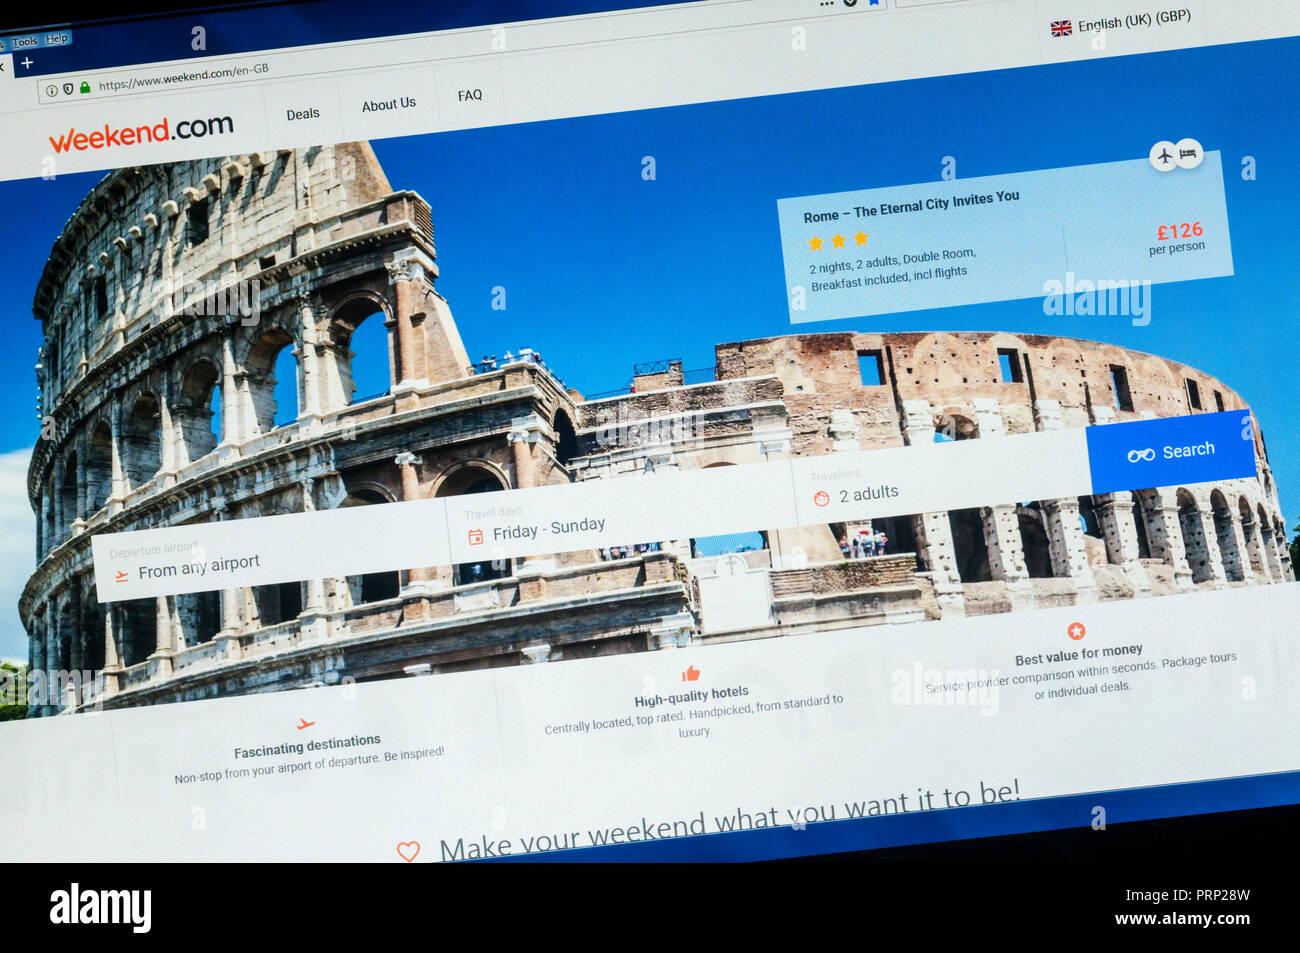 Página de inicio del sitio web de reserva vacaciones Weekend.com. Imagen De Stock